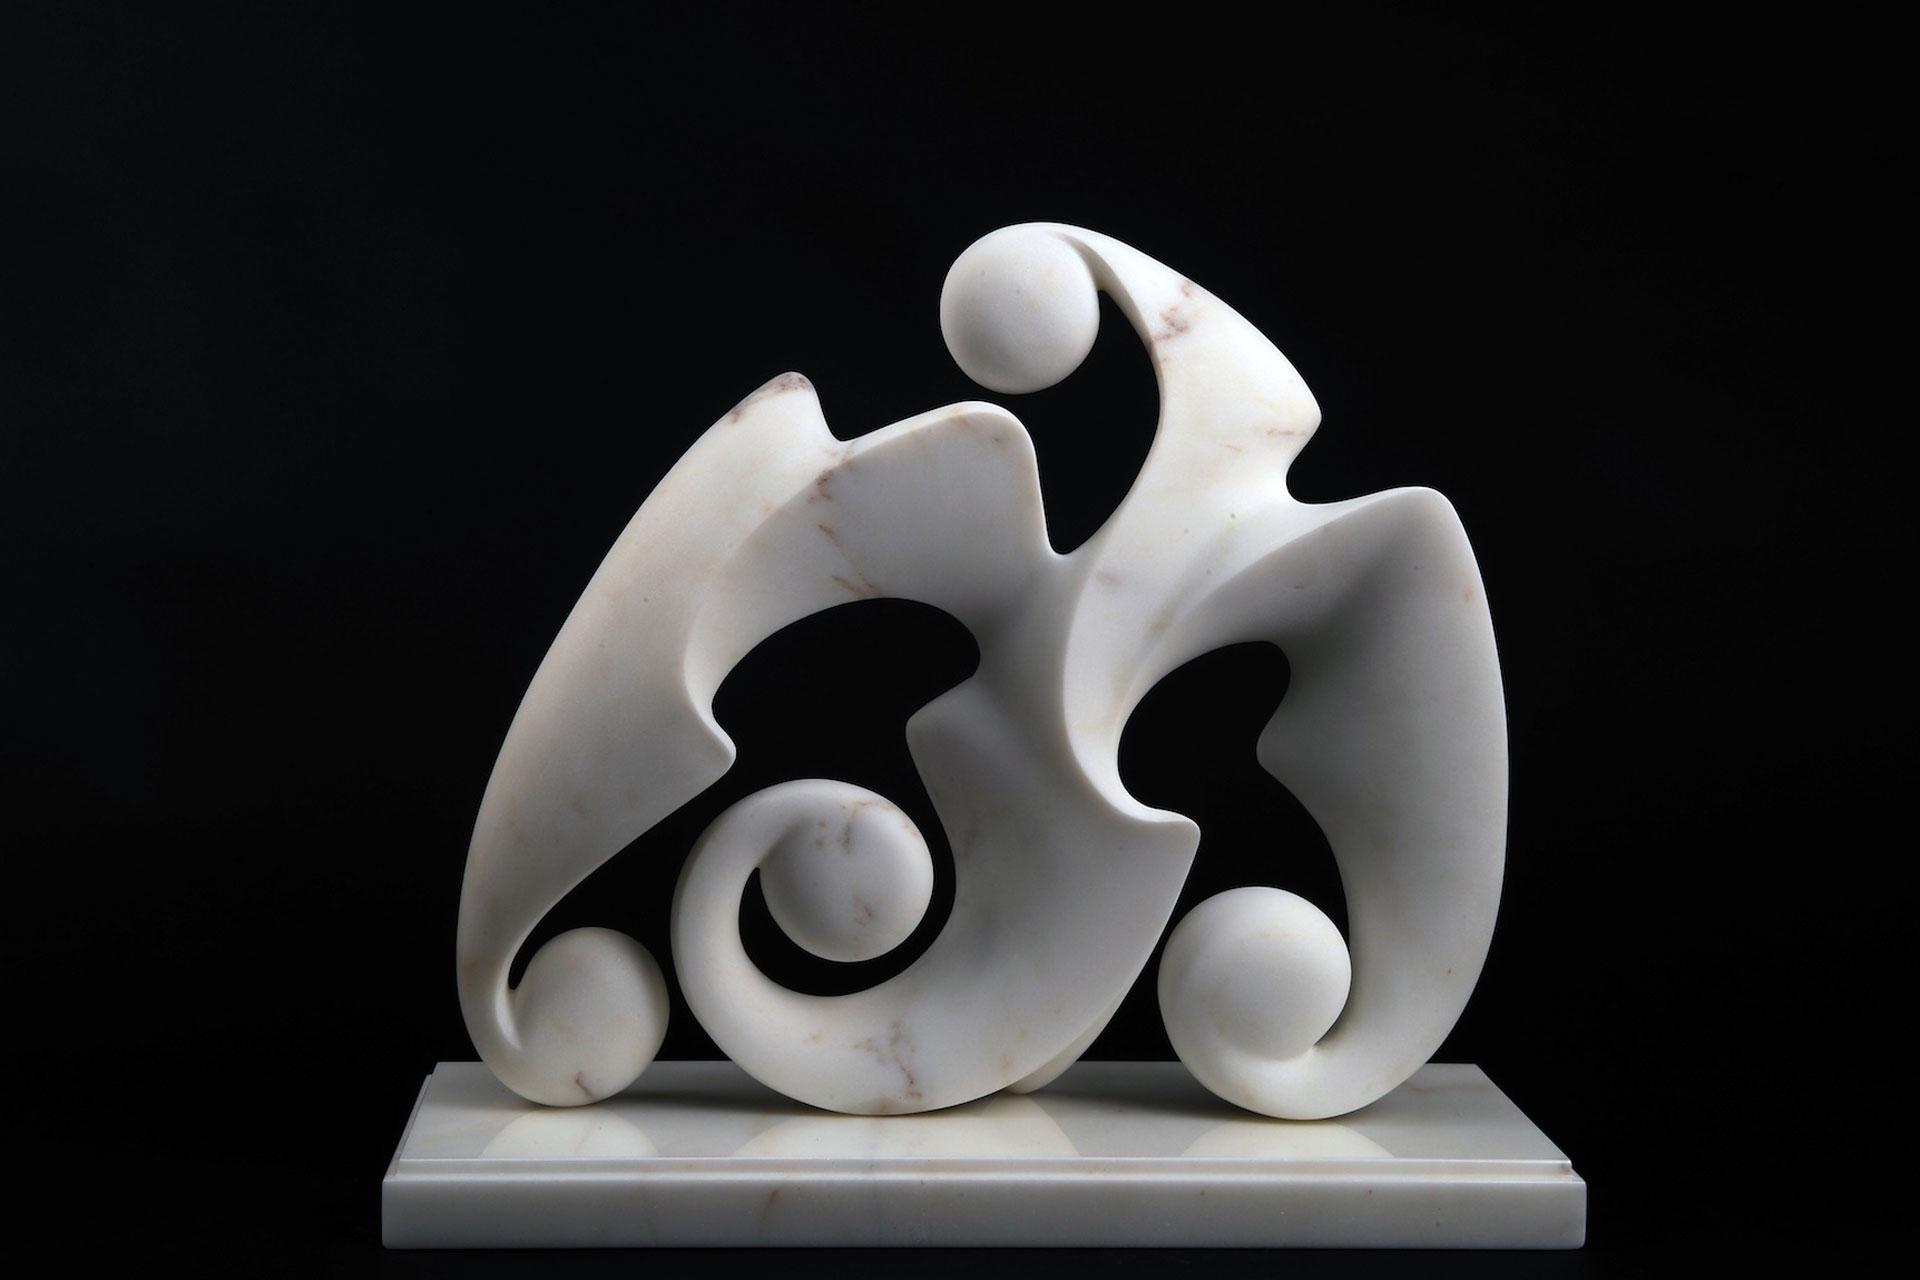 Disgiunto Barocco, 2011 - Marmo bianco Statuario, cm 37x42x16